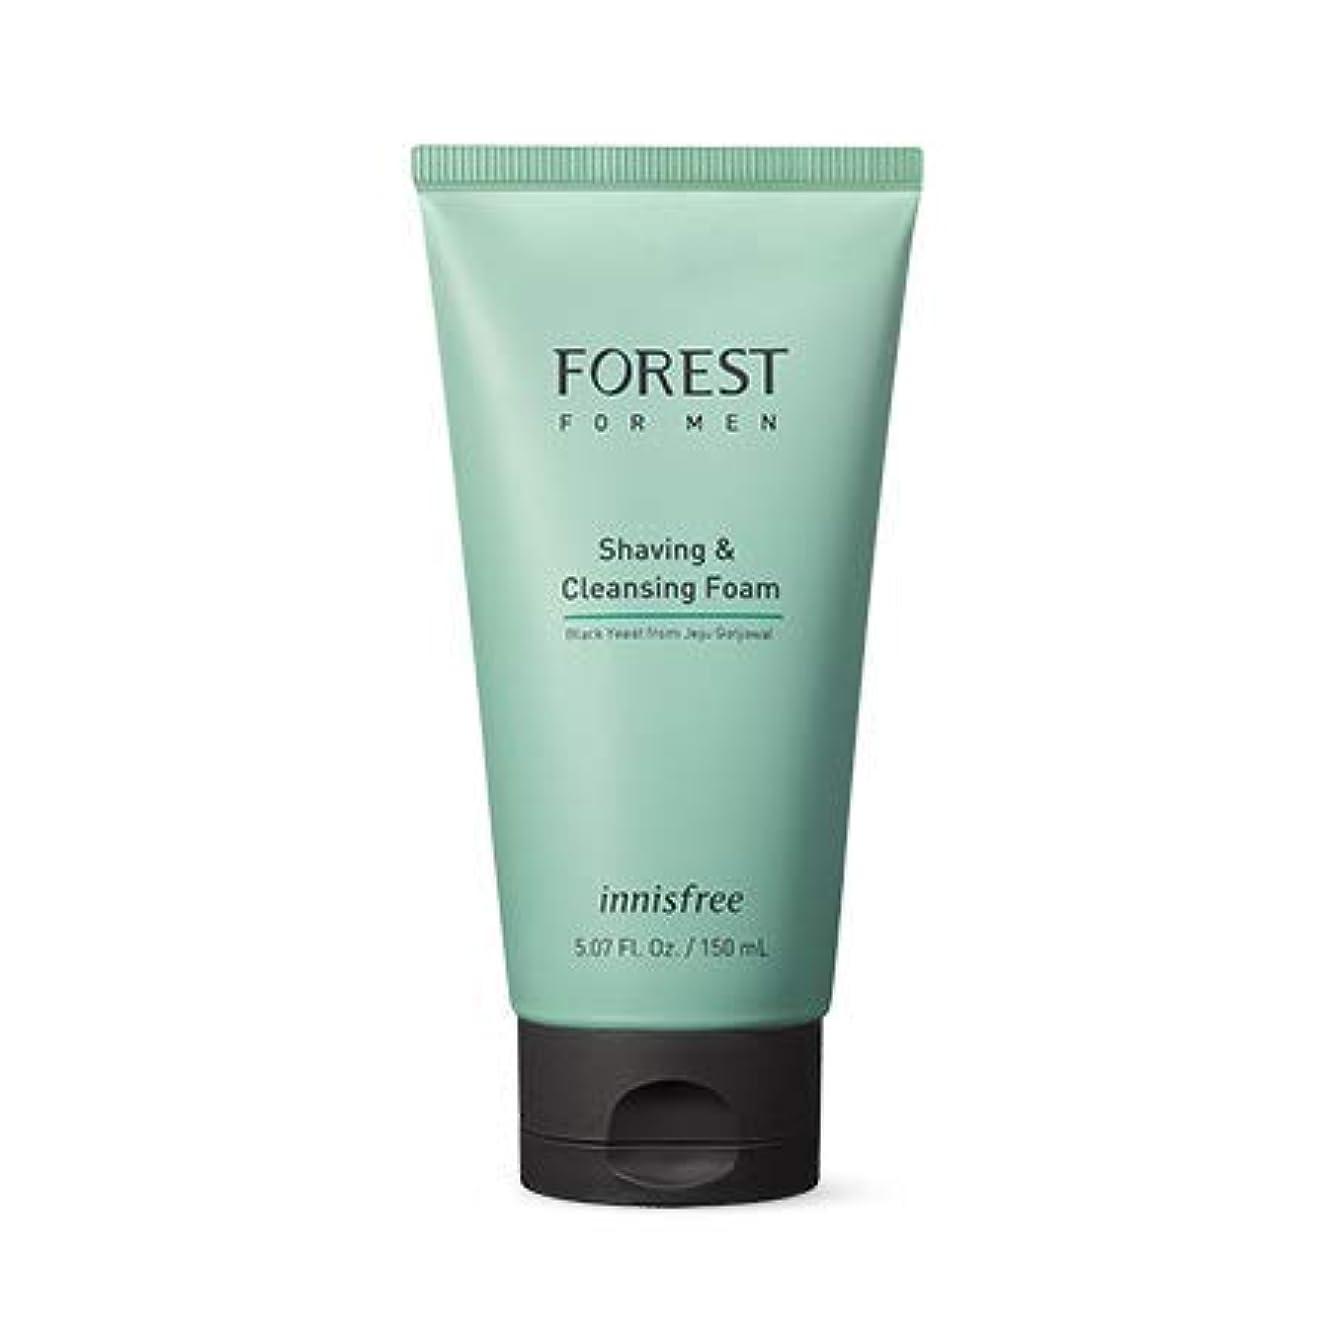 言い直す首相ありがたい[イニスフリー.innisfree]フォレストフォアマンシェービング&クレンジングフォーム150mL(2019.05新製品)/ Forest for Men Shaving&Cleansing Foam